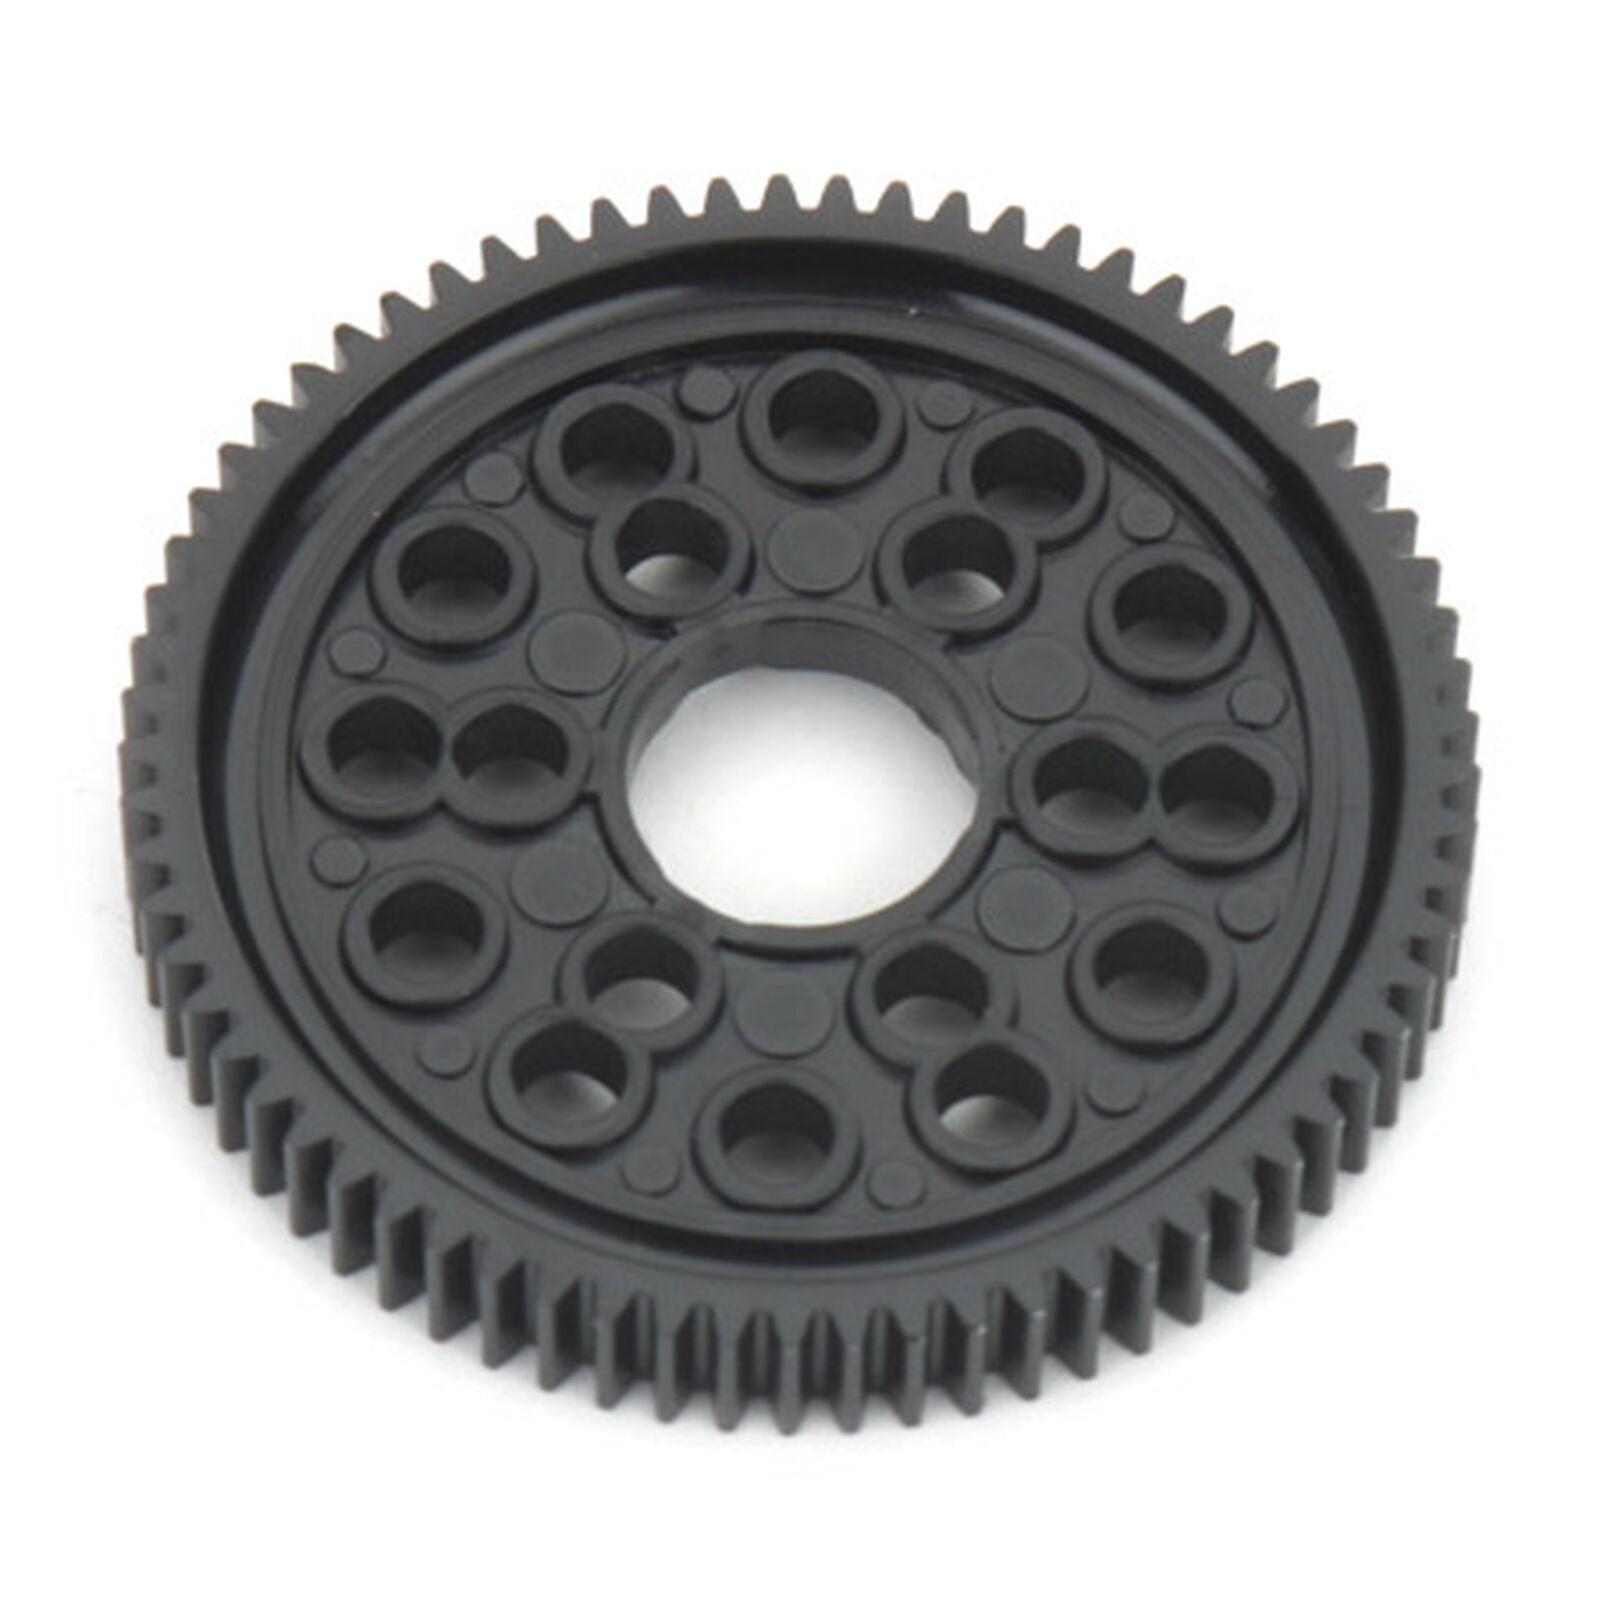 69T Spur Gear: TC3